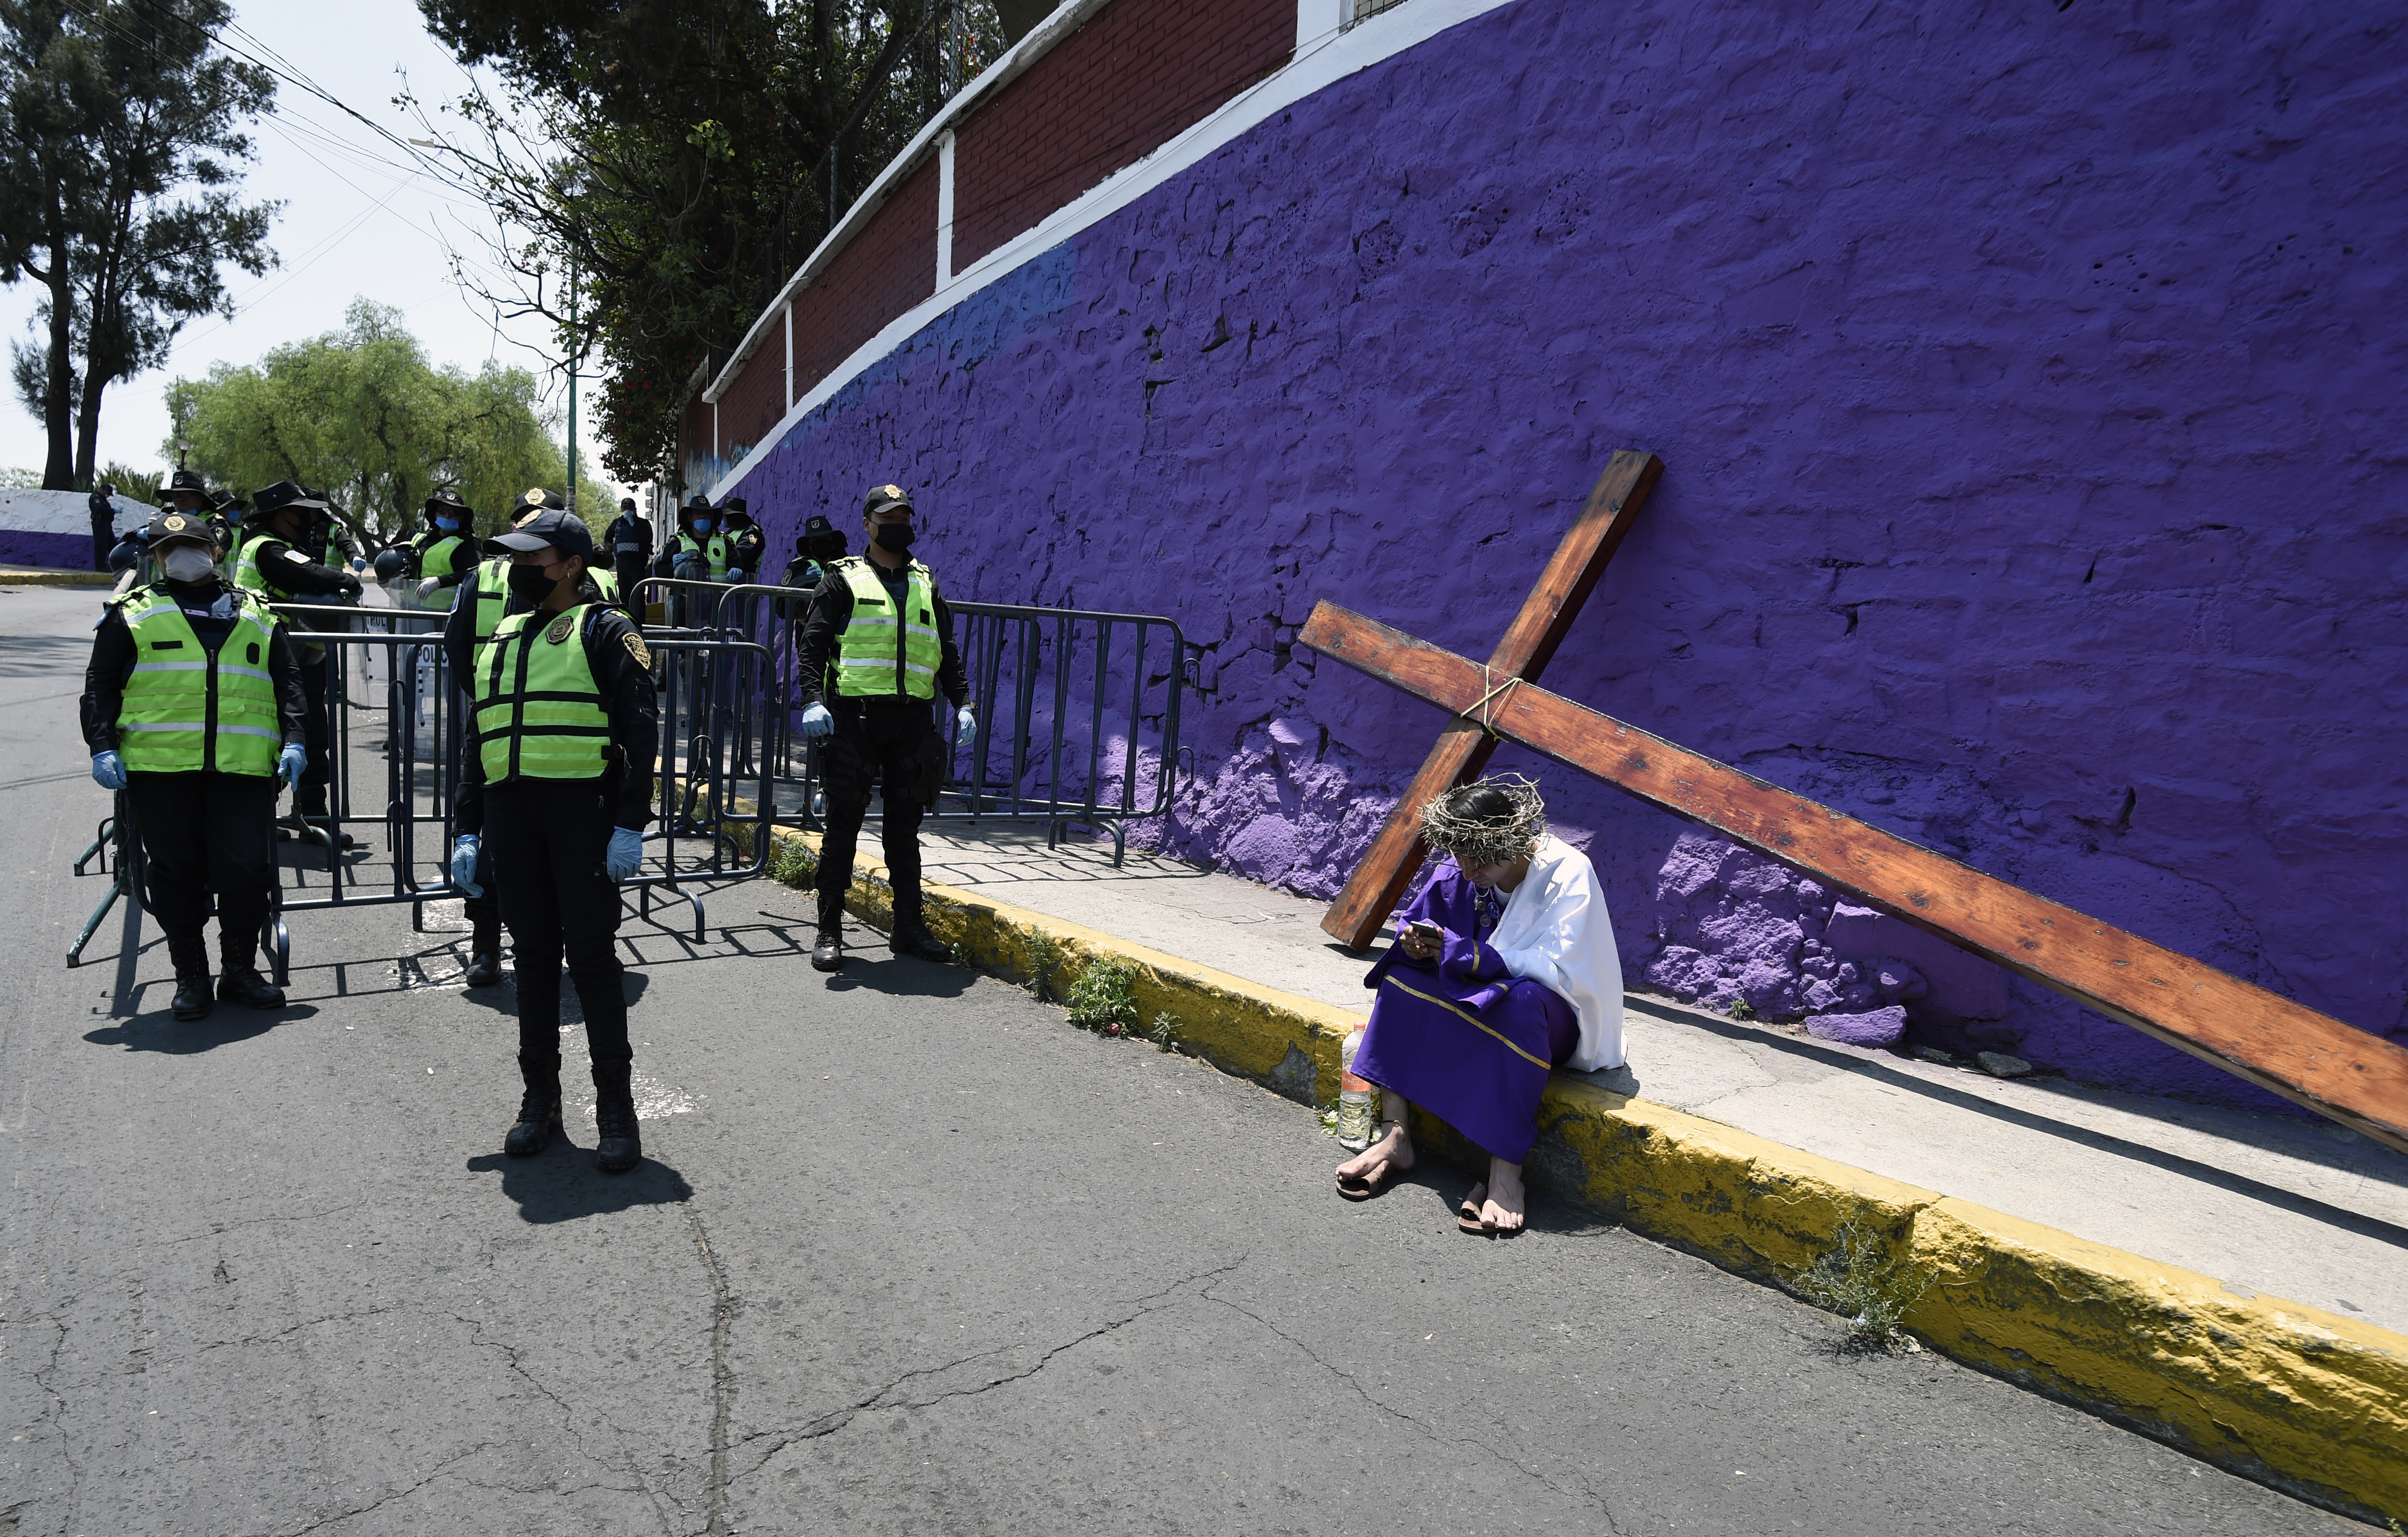 Elementos de la policía junto a un cerco de metal para impedir la entrada al Cerro de la Estrella debido al cerco sanitario que se tiene en la ciudad (Foto: Alfredo Estrella/AFP)